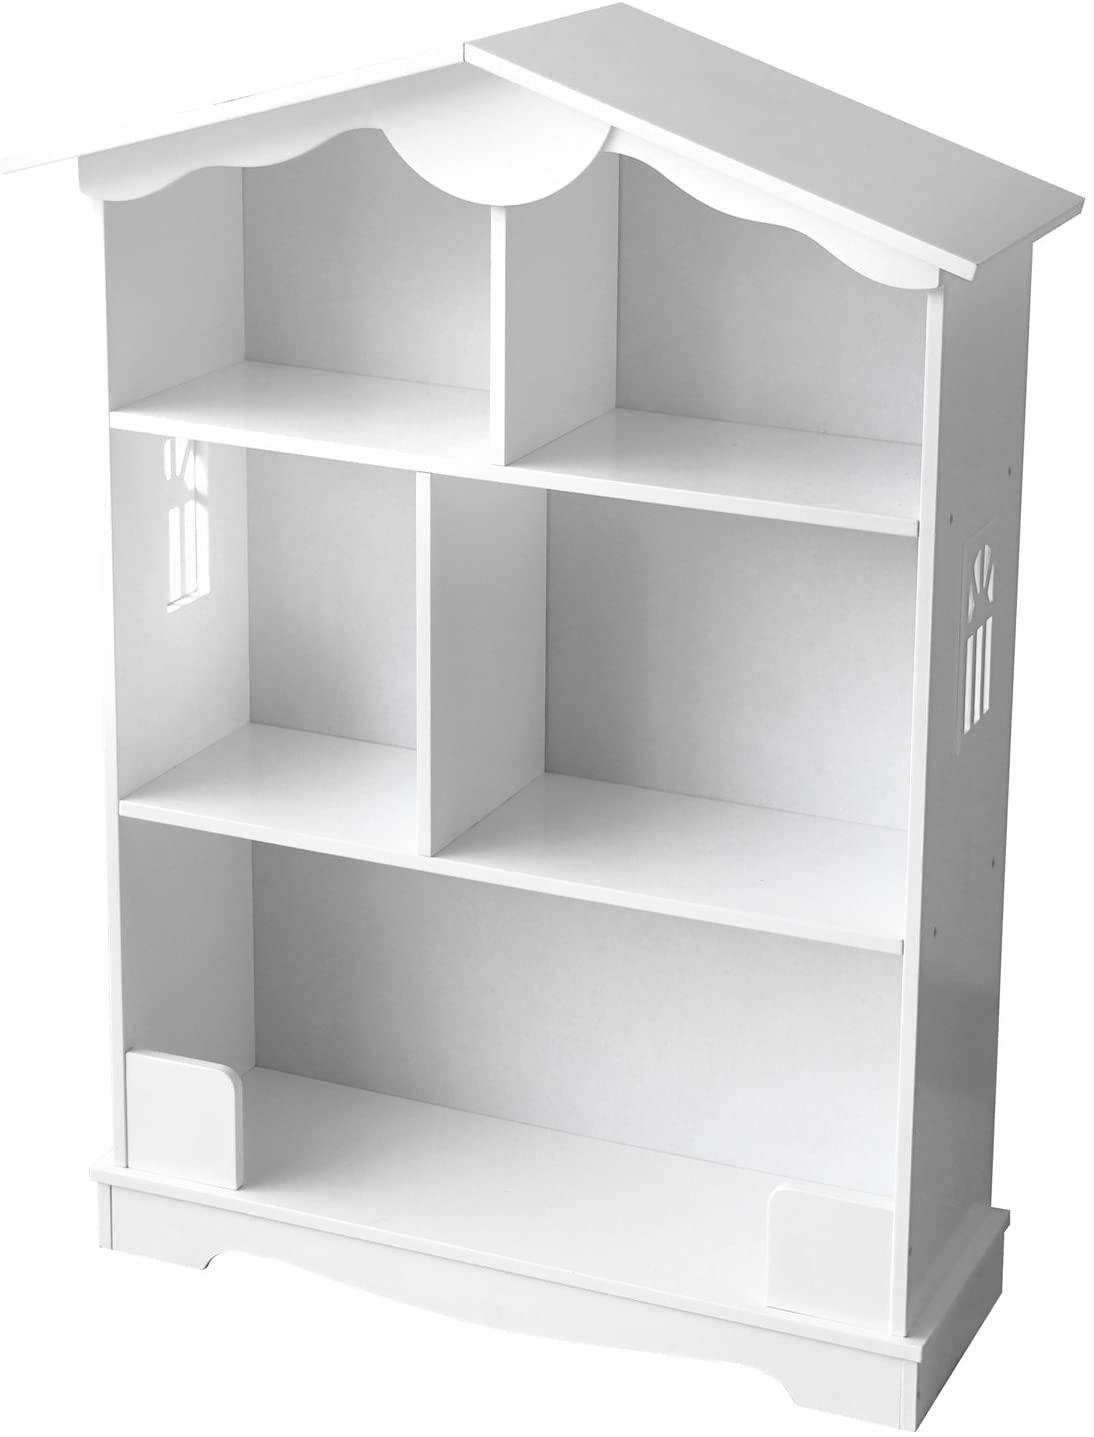 Estantería De Madera Estantería Para Libros Habitación Librero Para Niños Biblioteca Multiuso Almacenamiento y Organización Para Juguetes Color Blanco